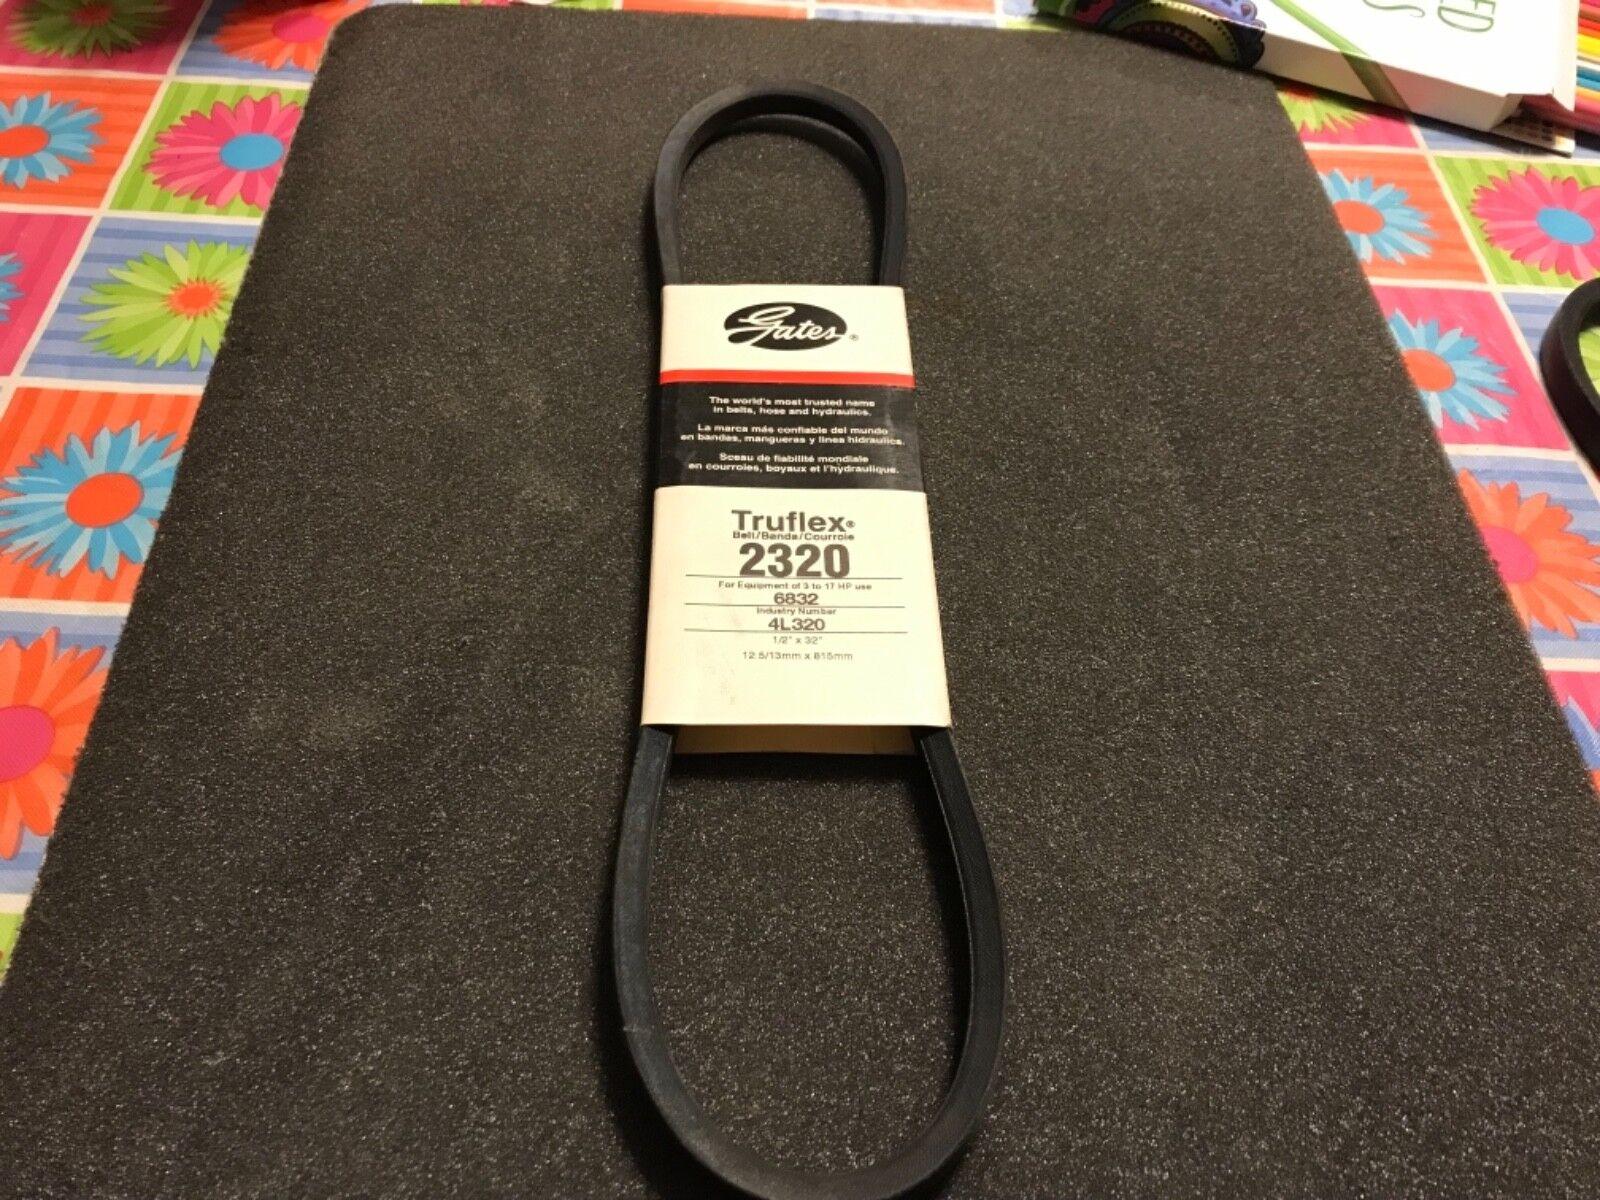 30 Length L Belt Section Rubber Browning Industrial Belts 2L300 FHP V-Belt